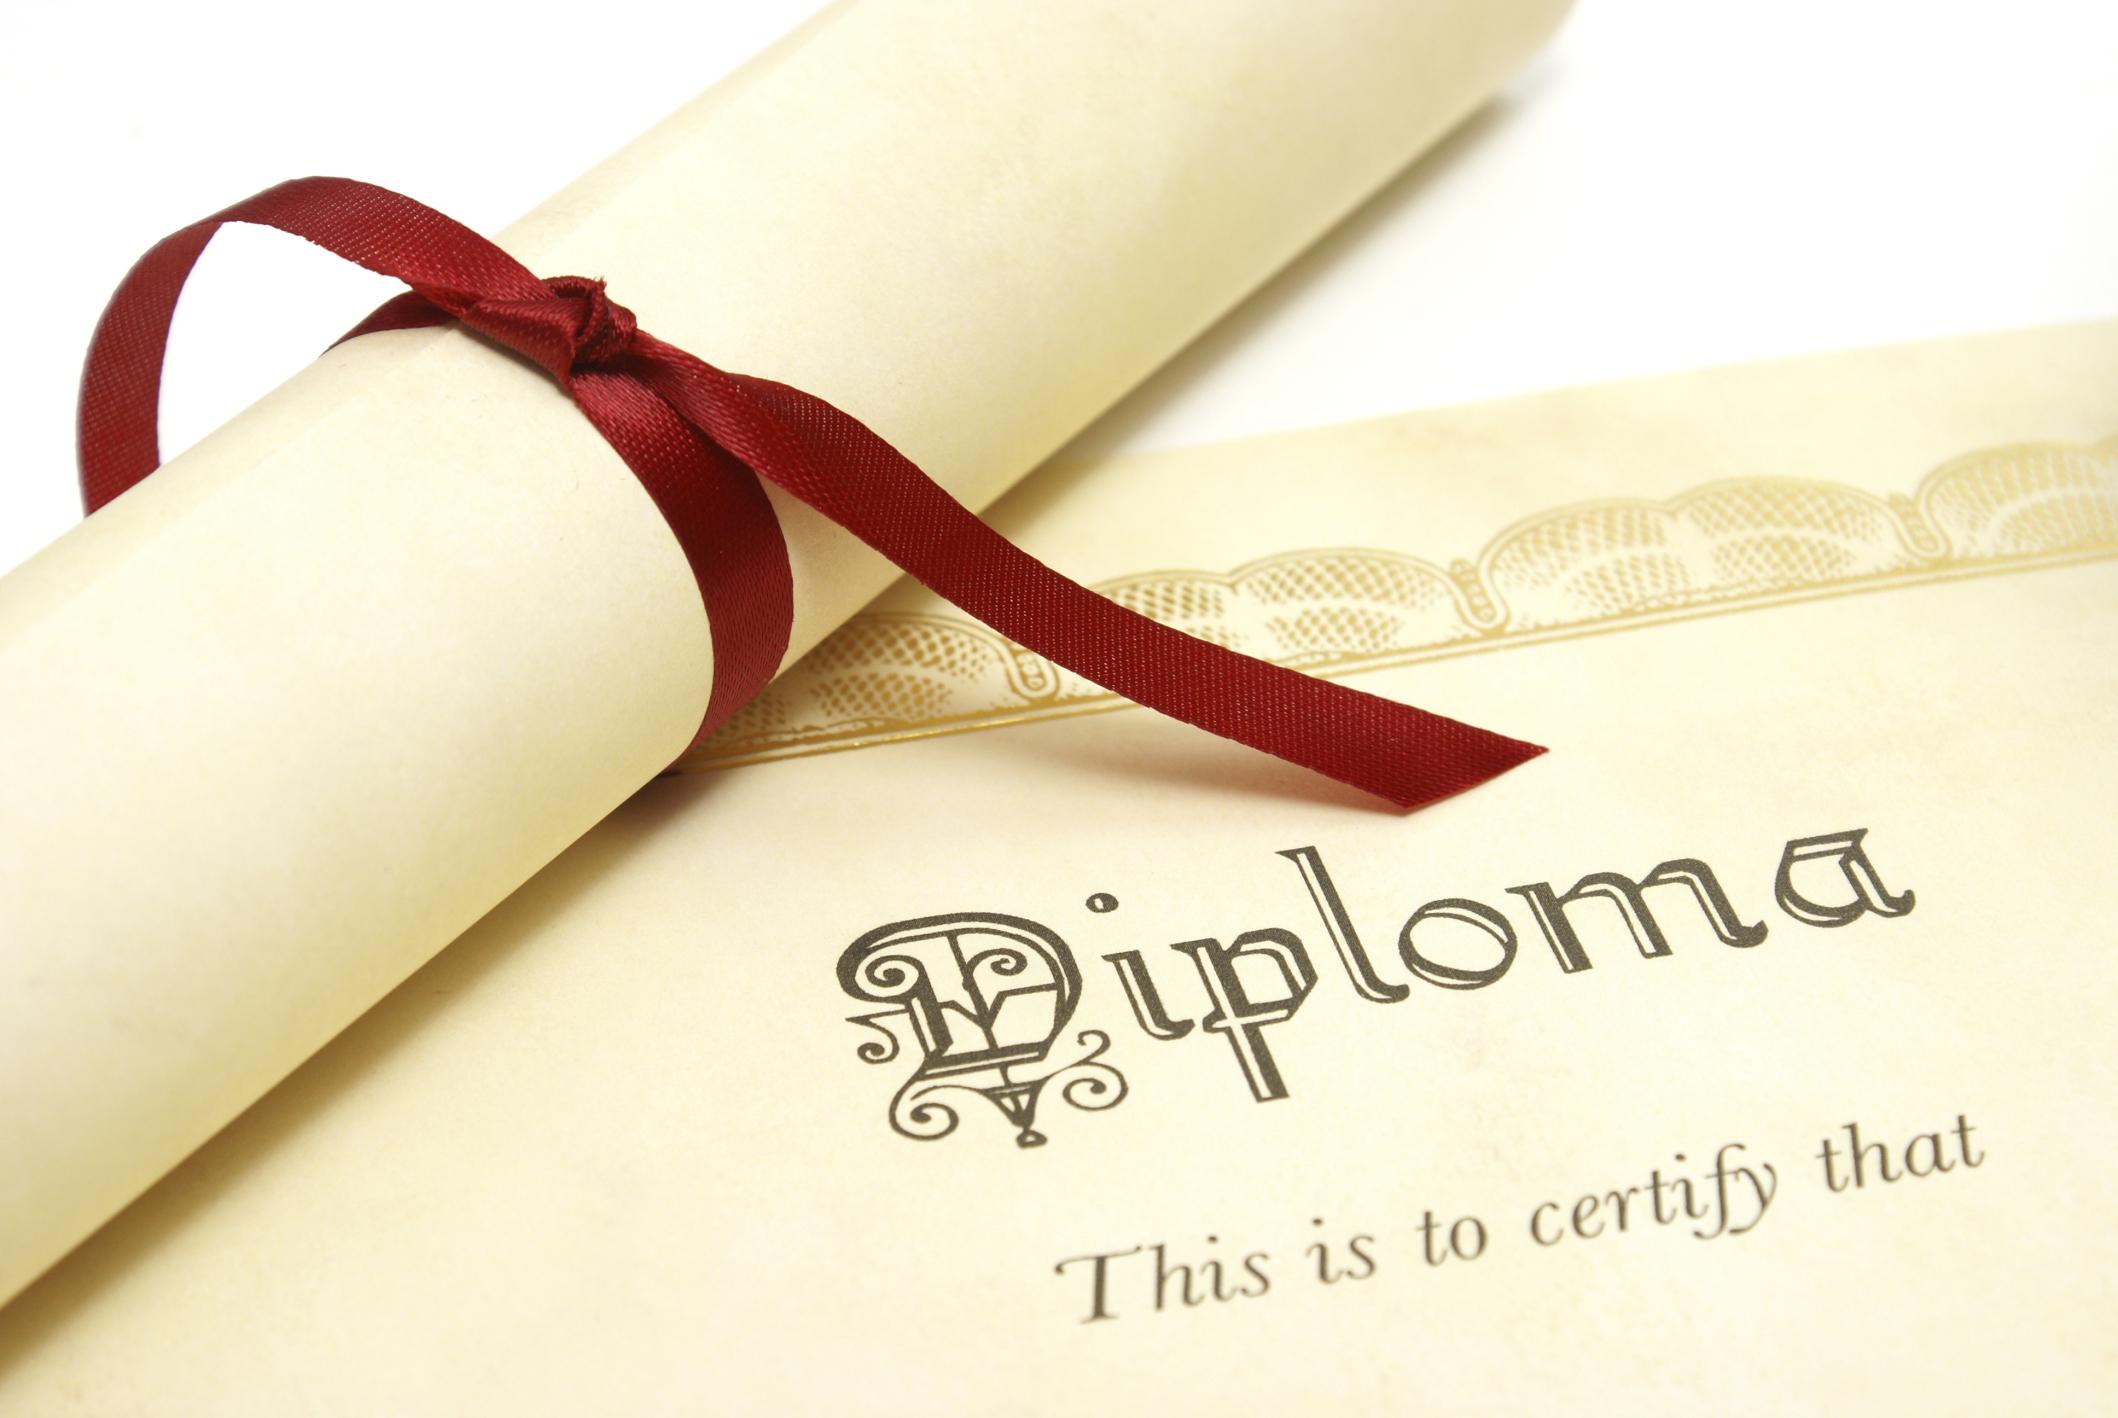 Equivalência de diploma no Canadá - WES